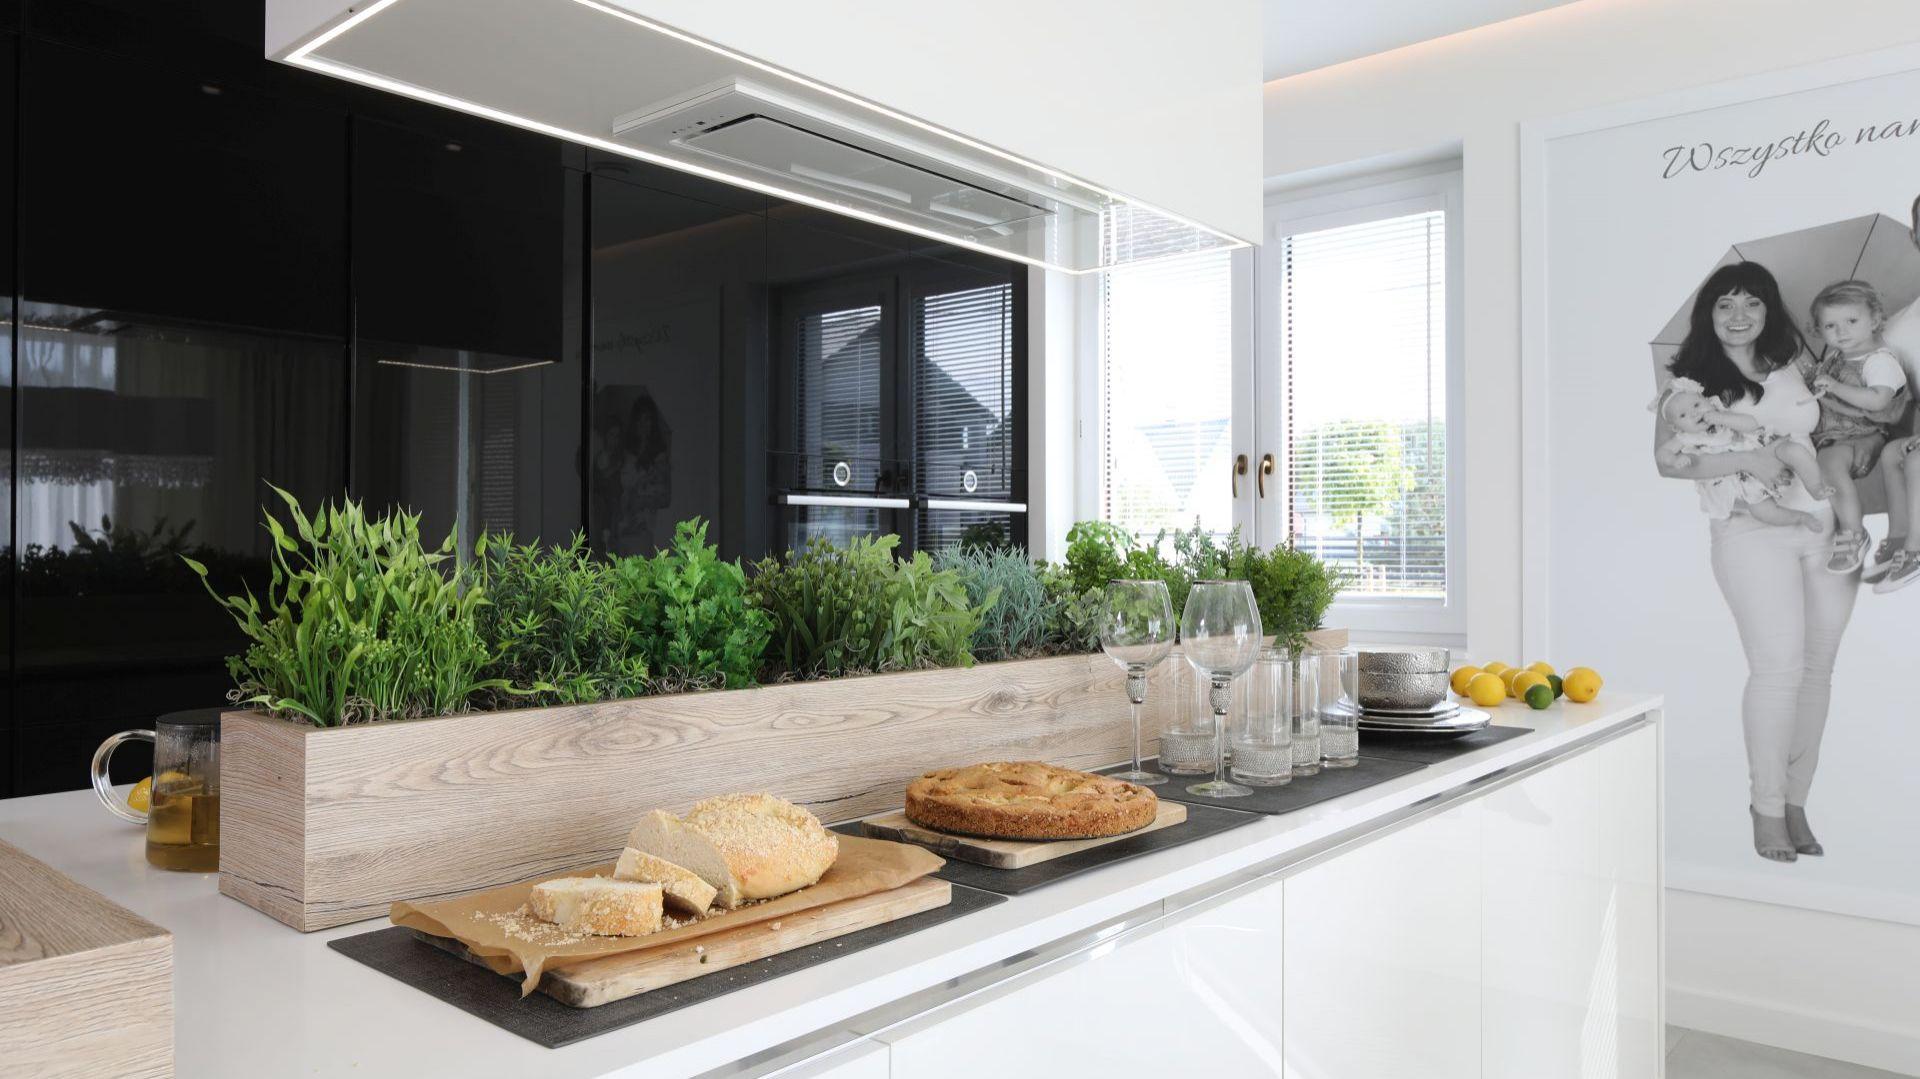 Kuchnia dla rodziny - eleganckie wnętrze w czerni i bieli